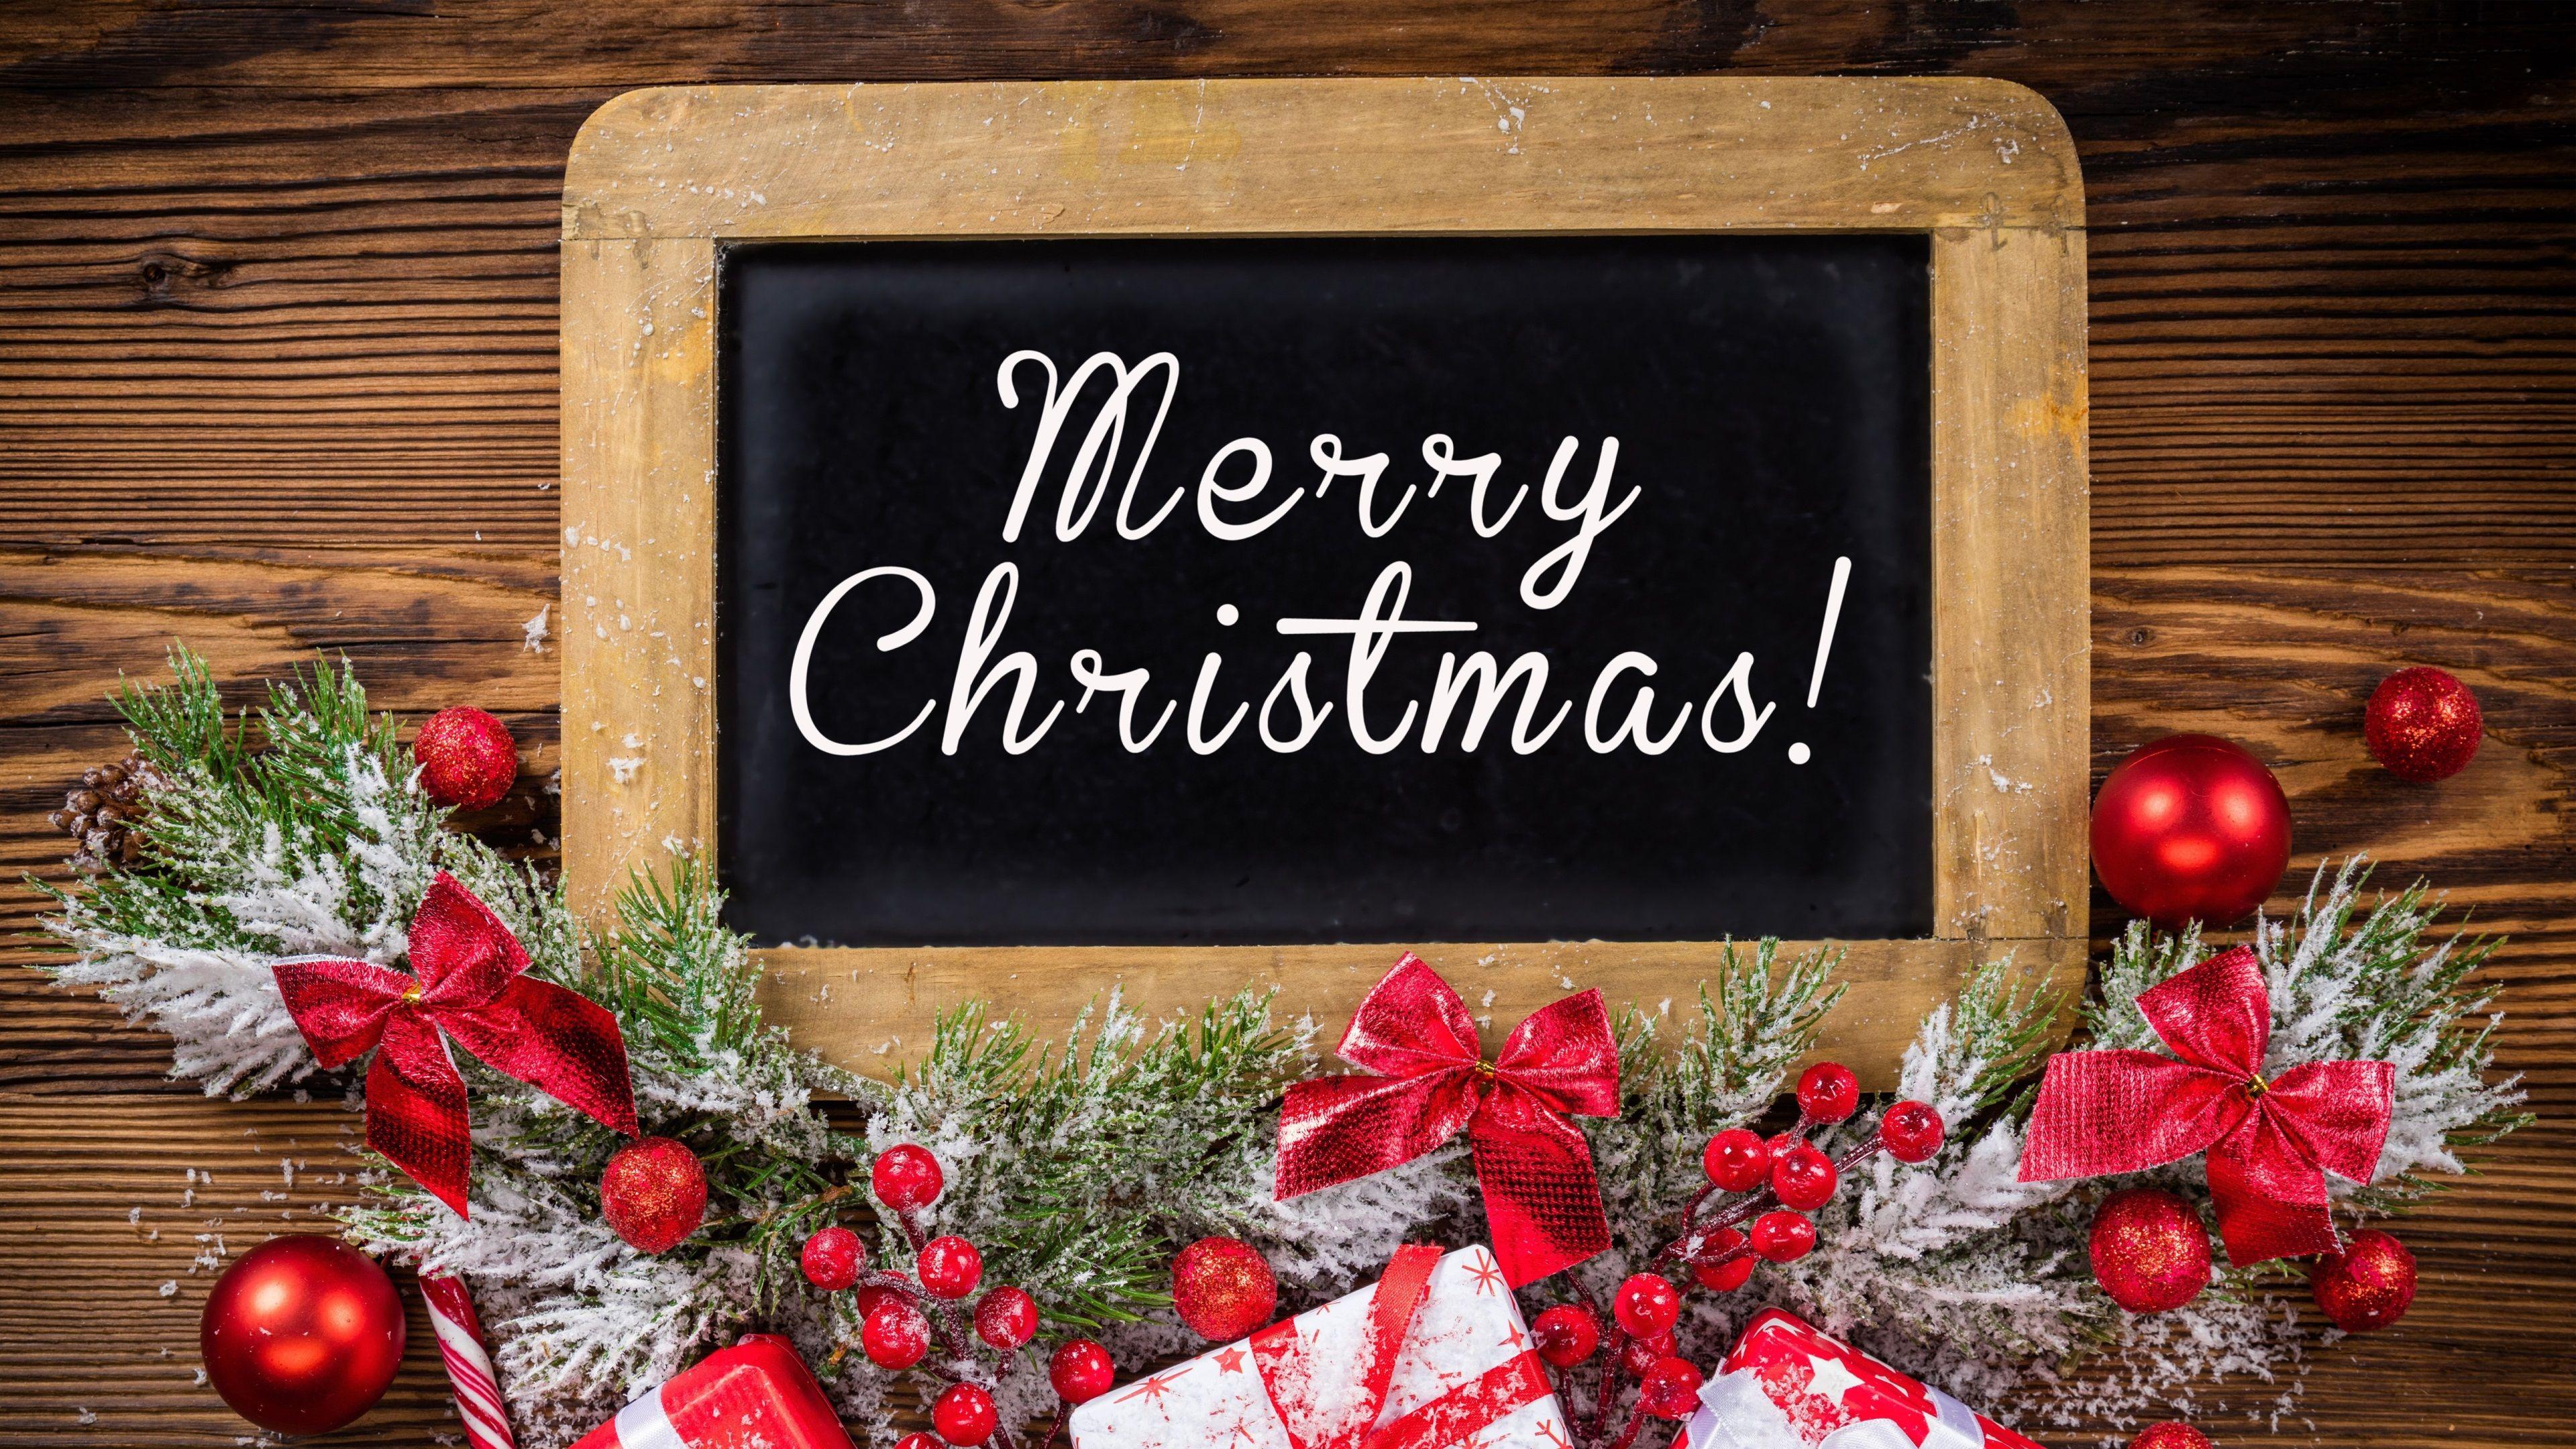 3840x2160 merry christmas 4k desktop wallpaper high